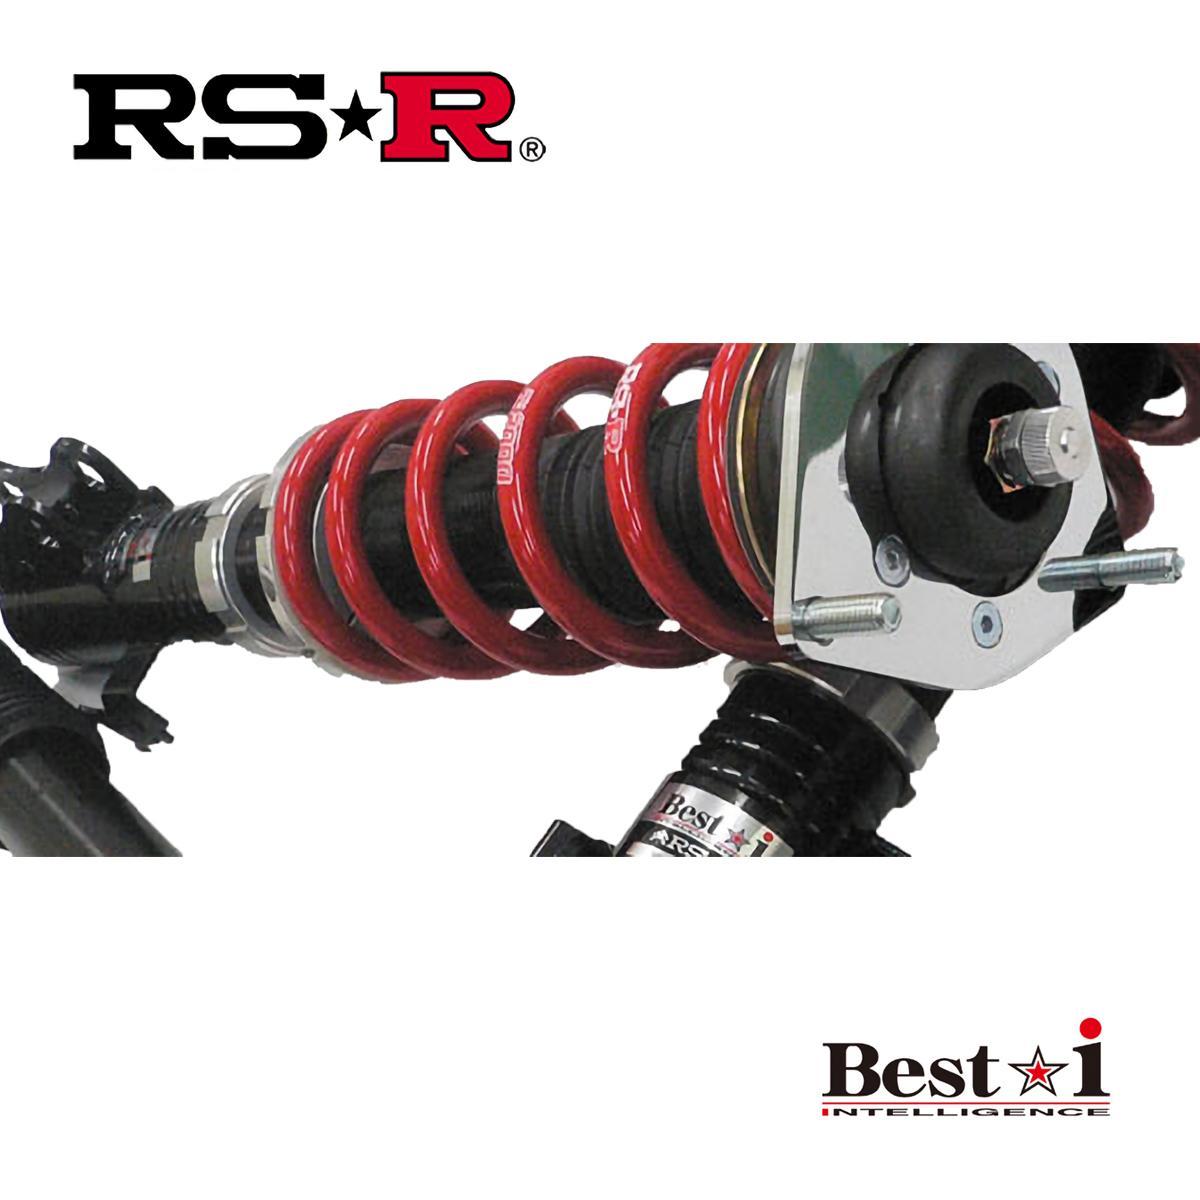 RS-R ヴェルファイア 2.5X AGH30W 車高調 リア車高調整:ネジ式 BIT940M ベストi RSR 個人宅発送追金有